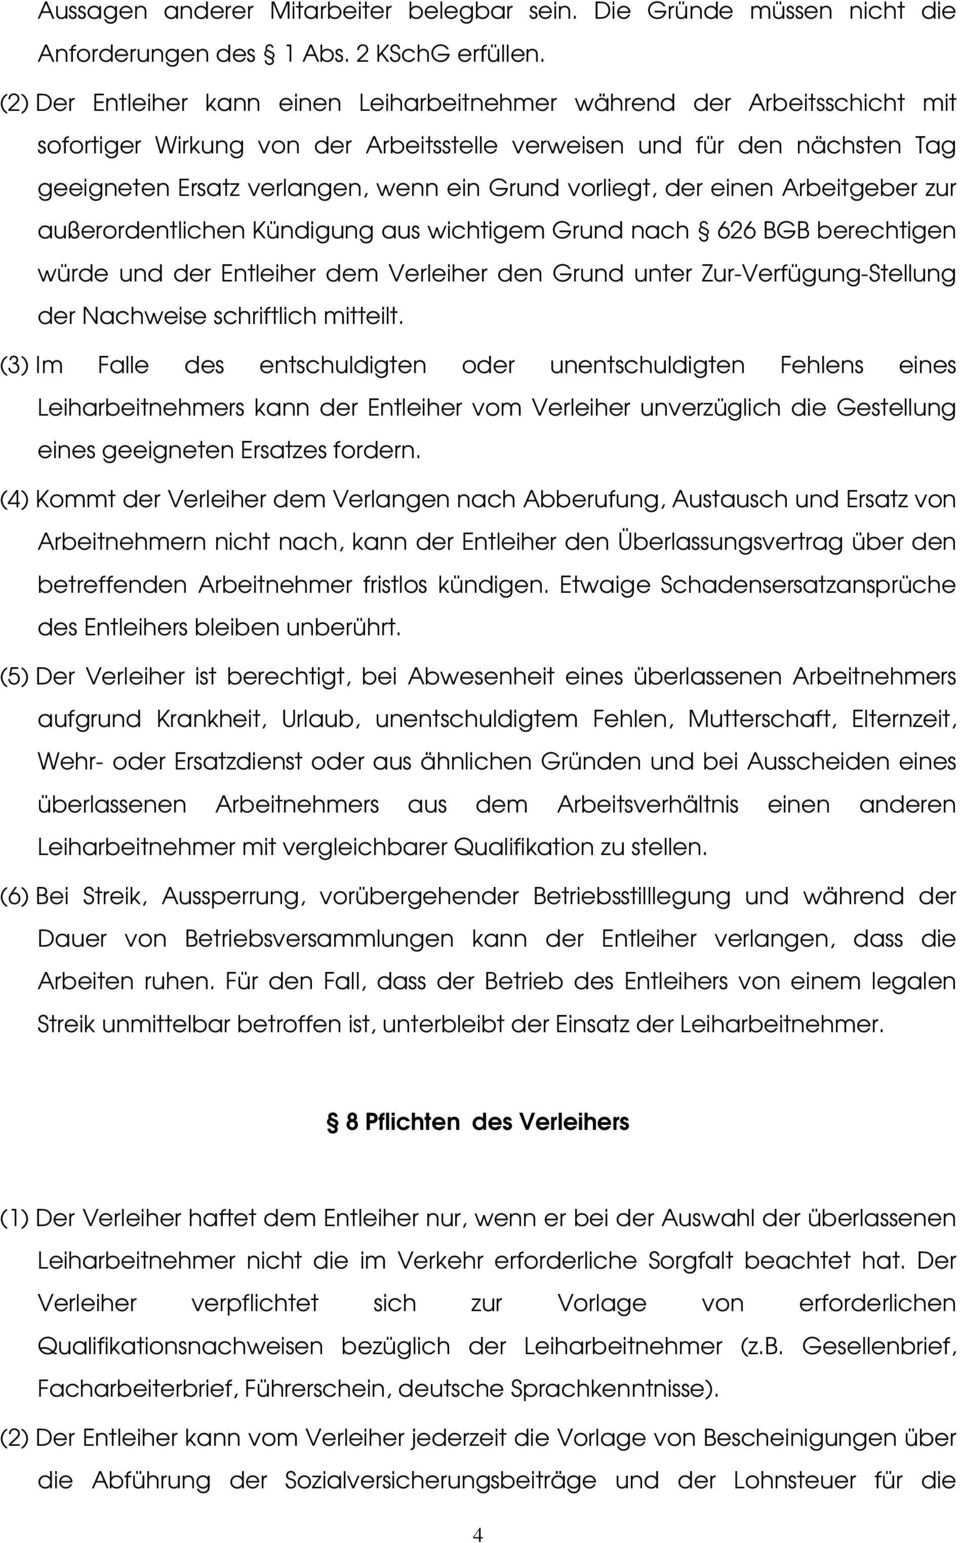 Arbeitnehmeruberlassungsvertrag Pdf Kostenfreier Download